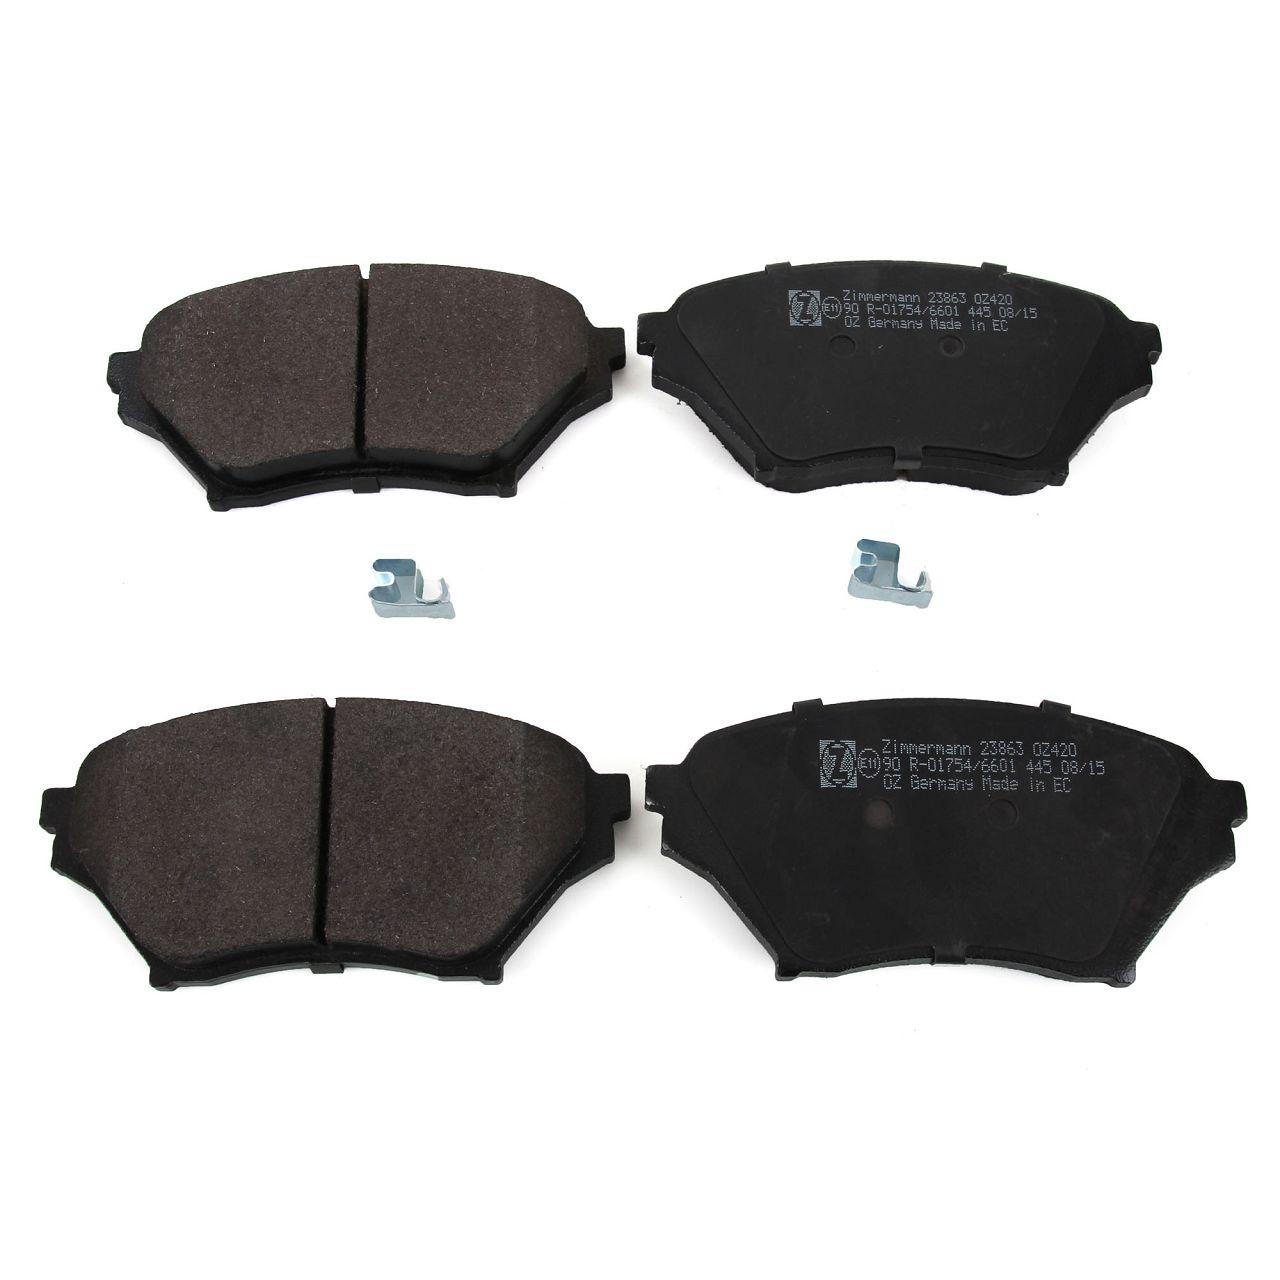 ZIMMERMANN Bremsen SPORT Bremsscheiben + Beläge für Mazda MX-5 II 1.6 1.8 vorne